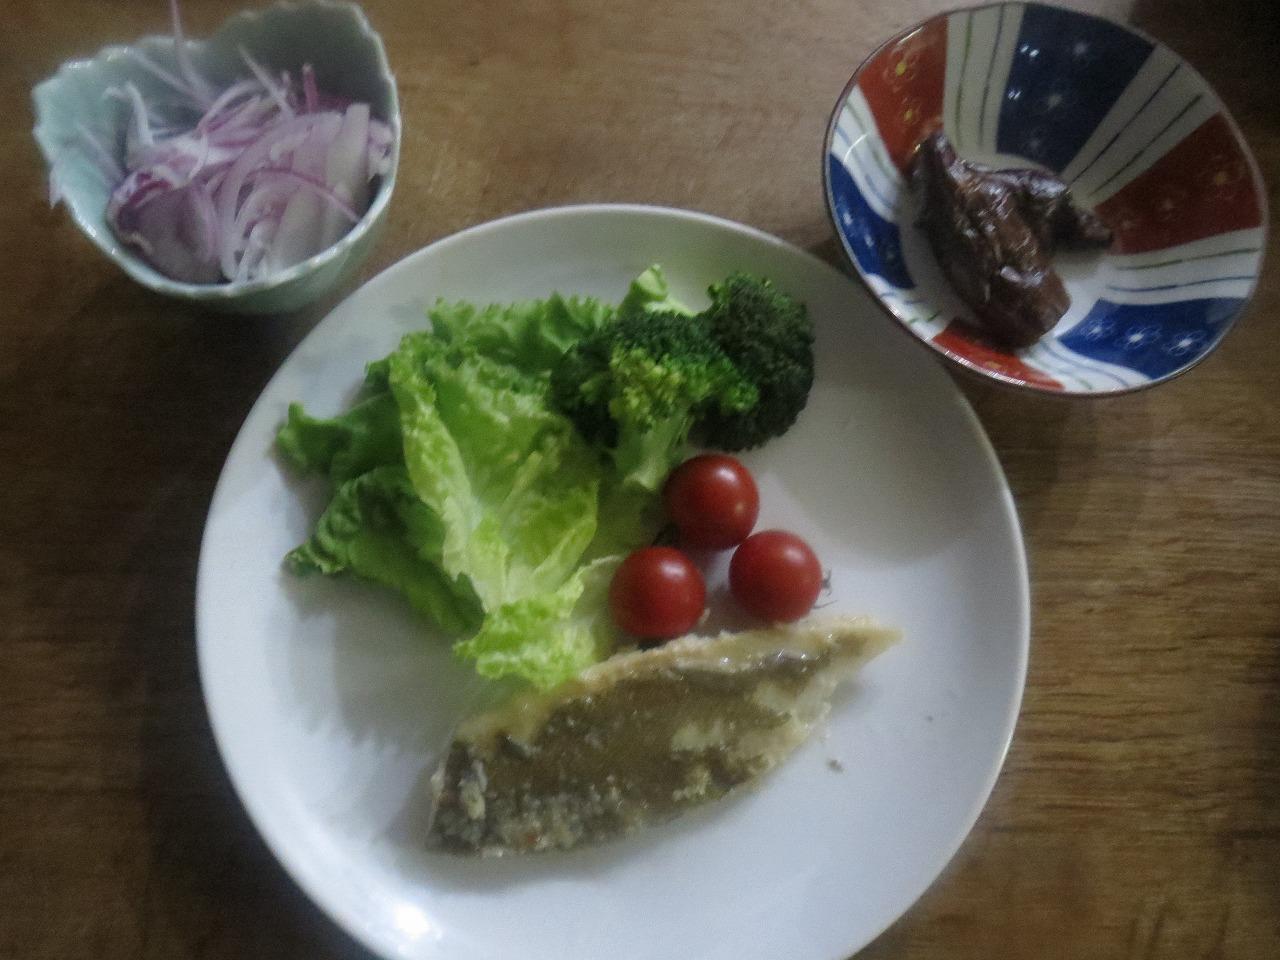 魚ムニエル、紫玉ねぎ、ナス